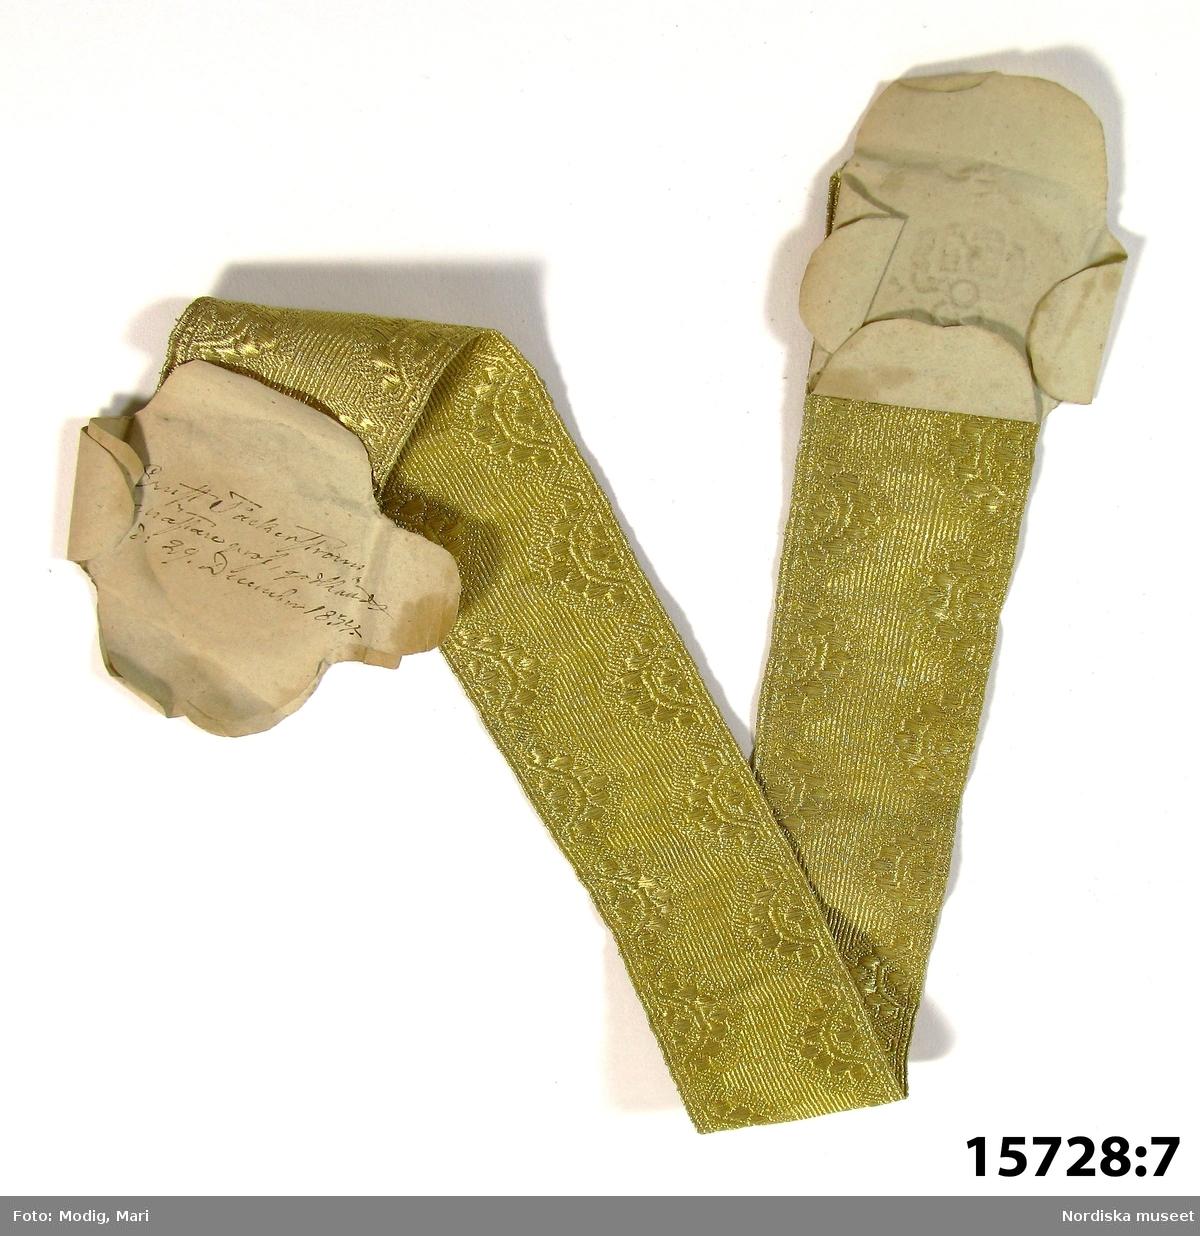 """Huvudliggaren: """"Låda m.m., som tillh. snörmakarämbetet i Stockholm. Med 3 nycklar, 43 st mästerprof i guld eller silfver, 27 st. mästerprof i silke och guld. Handlingar, som tillh. samma ämbete se 15.592. a) Låda. b) Sigillstamp, se ill. bil. (inga ren...[?] skrifna, se ill. bil med blyerts, osäkert om det är b eller c.). c) Sigillstamp. d) Pung. e) Skärp fr 1840-talet, nu nyl. afl. snörmakare Bretzners mästerprof. f) Pergamentsbref med vidhängande vaxsigill. g) Pergamentsbref med vidhängande vaxsigill. h) Pergamentsbref med vidhängande vaxsigill i kapslar. i) Pergamentsbref med vidhängande vaxsigill i kapslar. j) Pergamentsbref med vidhängande vaxsigill i kapslar. k) Pergamentsbref med vidhängande vaxsigill i kapslar. l) Pergamentsbref med vidhängande vaxsigill i kapslar. m) Pergamentsbref med vidhängande vaxsigill i kapslar. n) Pergamentsbref med vidhängande vaxsigill i kapslar. o) Pergamentsbref med vidhängande vaxsigill i kapslar. p) Pergamentsbref med vidhängande vaxsigill i kapslar. q) Pergamentsbref med vidhängande vaxsigill i kapslar. r) Pergamentsbref med vidhängande vaxsigill i kapslar. s) Sparbössa. t) Handlingar. u) Handlingar. v) Nyckel, järn, L 12,4 cm. Trepassformat grepp. w) Nyckel, järn, L 10,1 cm. Trepassformat grepp. x) Nyckel, järn. L 2,2 cm. G. af f.d. snörmakar.ämb. i Stockh. gm snörmak. C. E. Hähnel. 30/1 1877."""""""